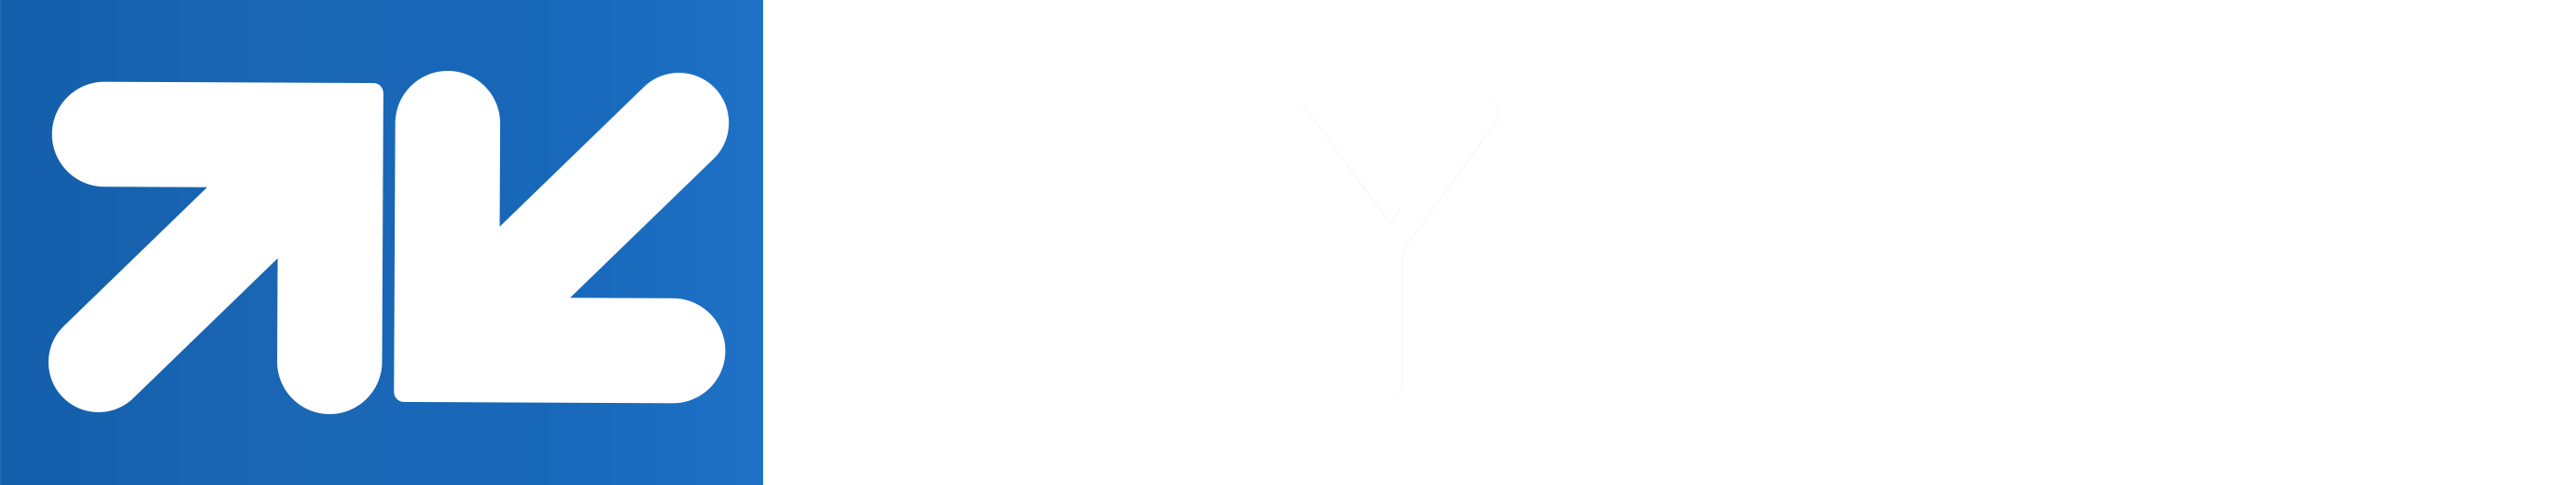 Payougo